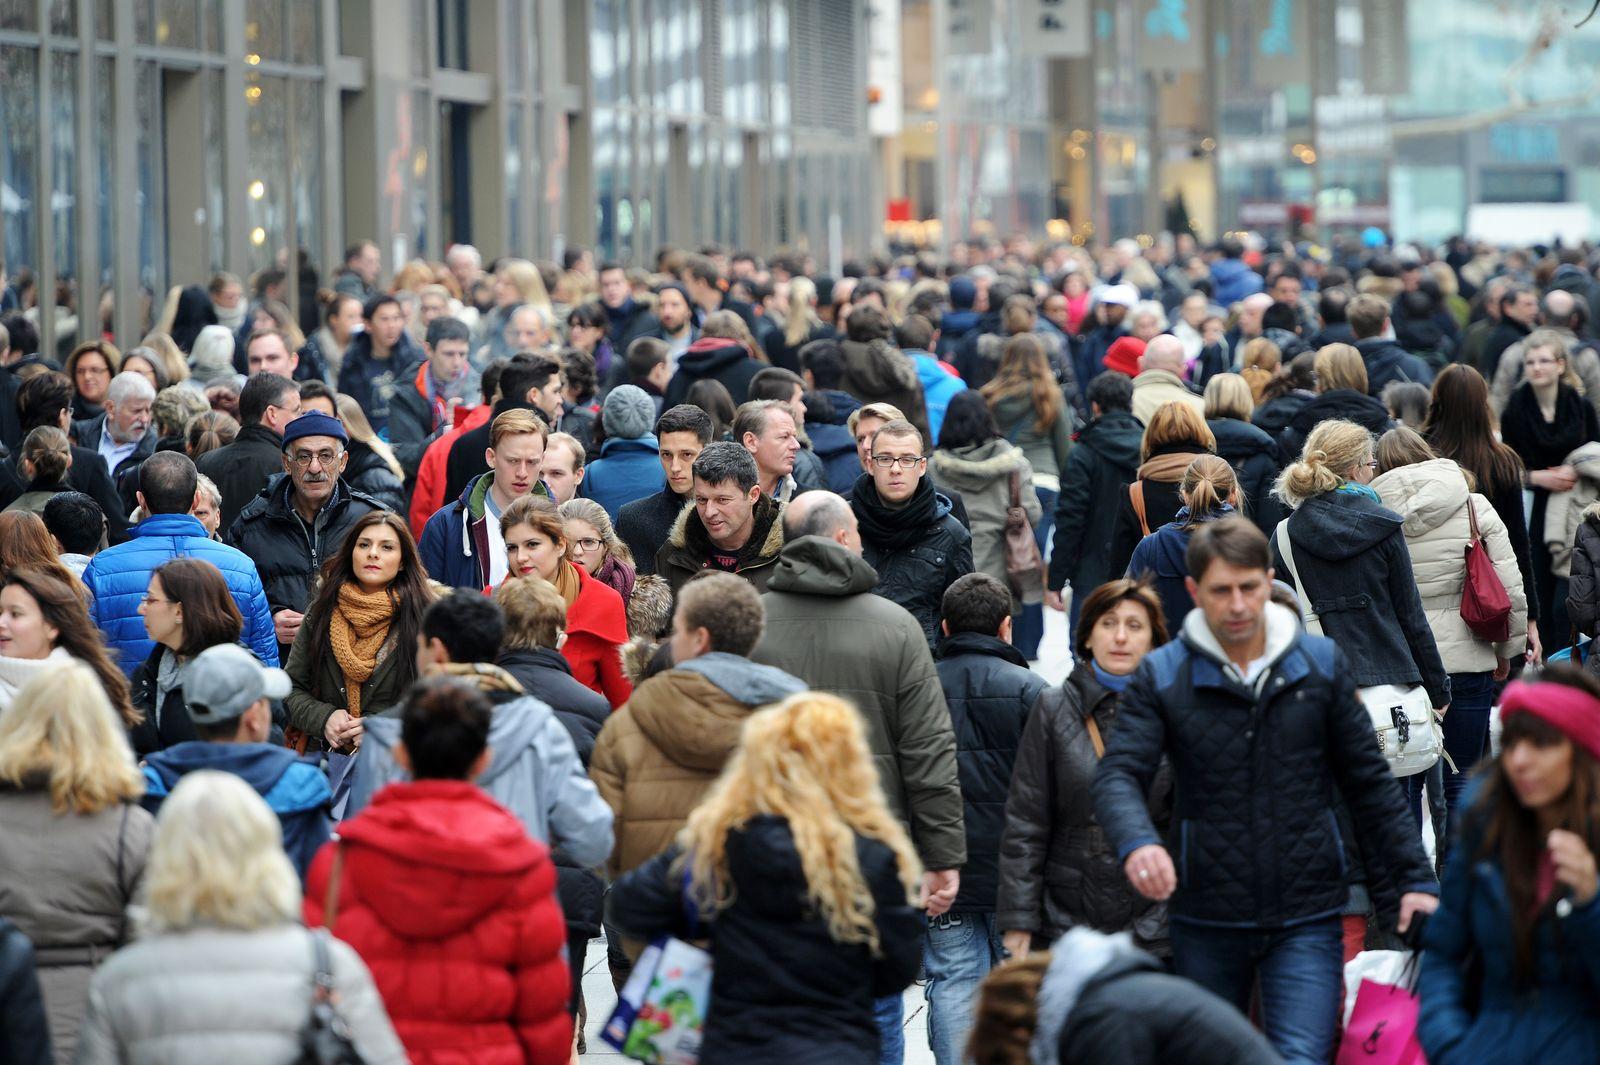 Einzelhandel / Aufschwung / Verbraucher / Einkaufen / Shoppen / Armut / Reichtum / Passanten